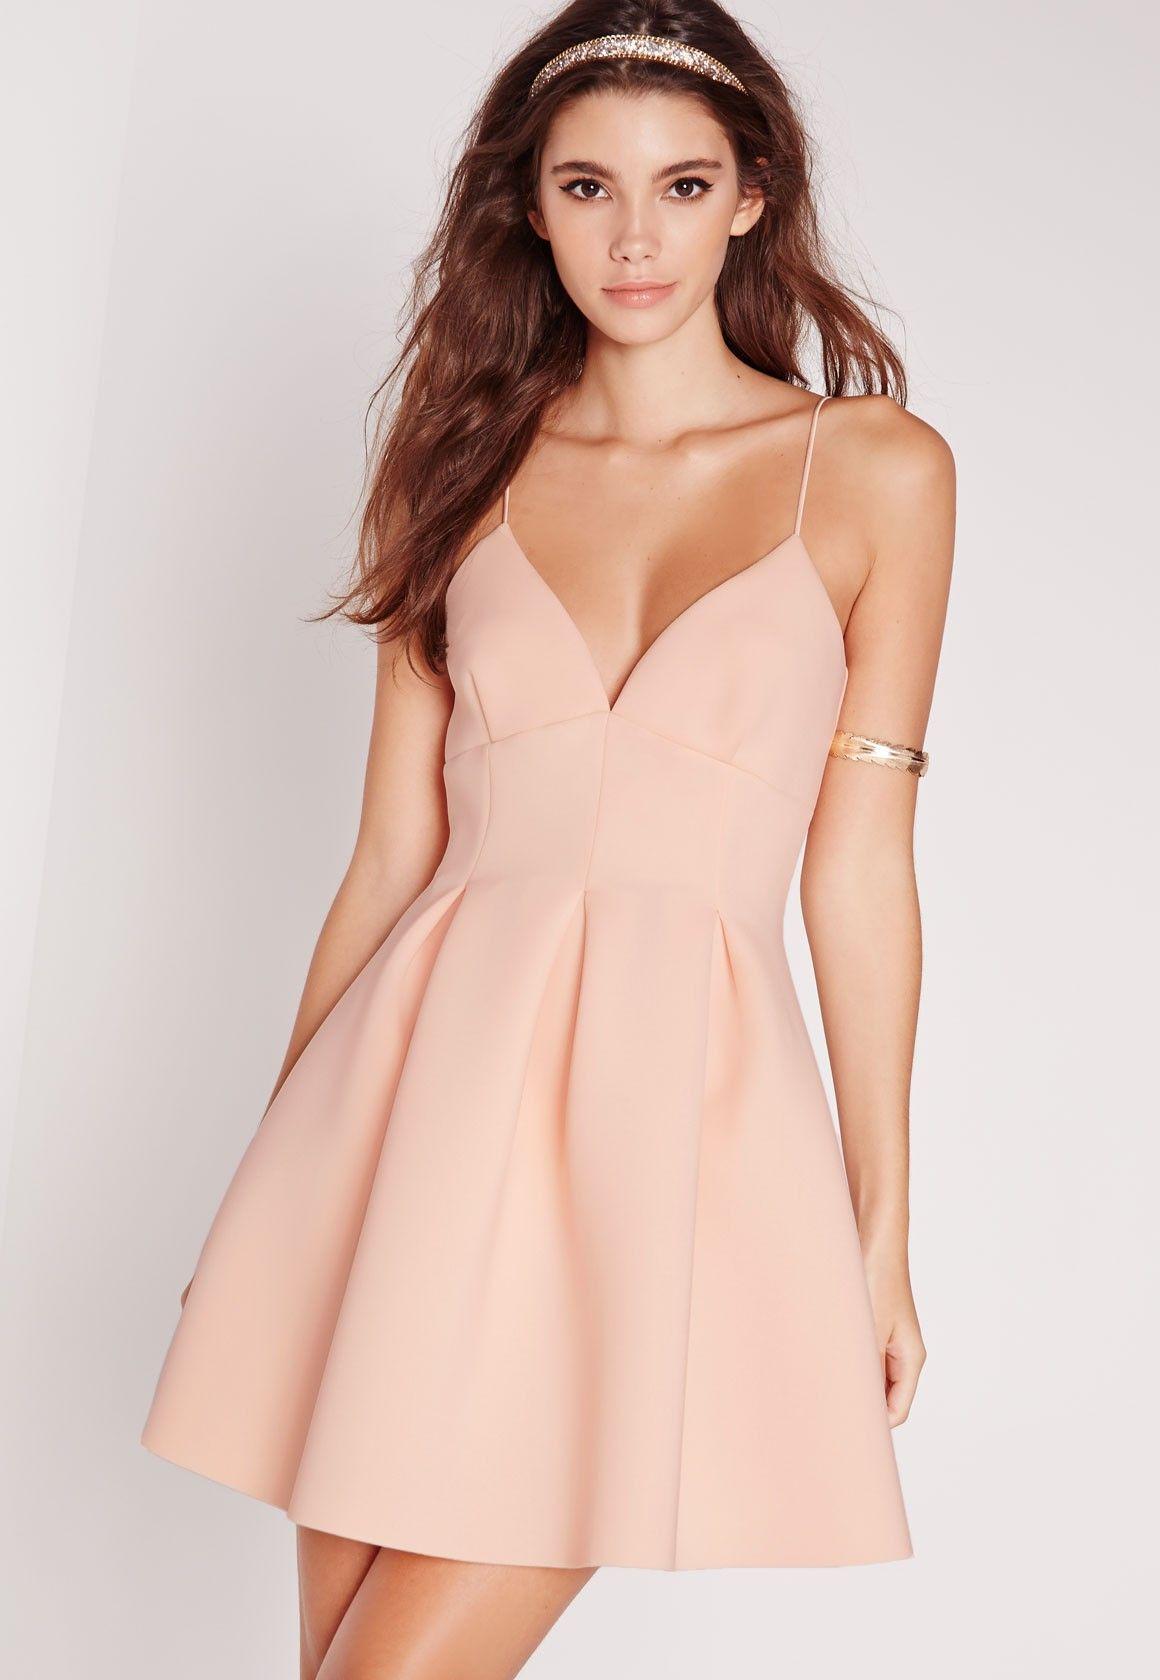 01942a738f4 Toutes les occasions sont bonnes pour porter cette superbe robe patineuse.  On en est totalement fans ! Décolleté plongeant